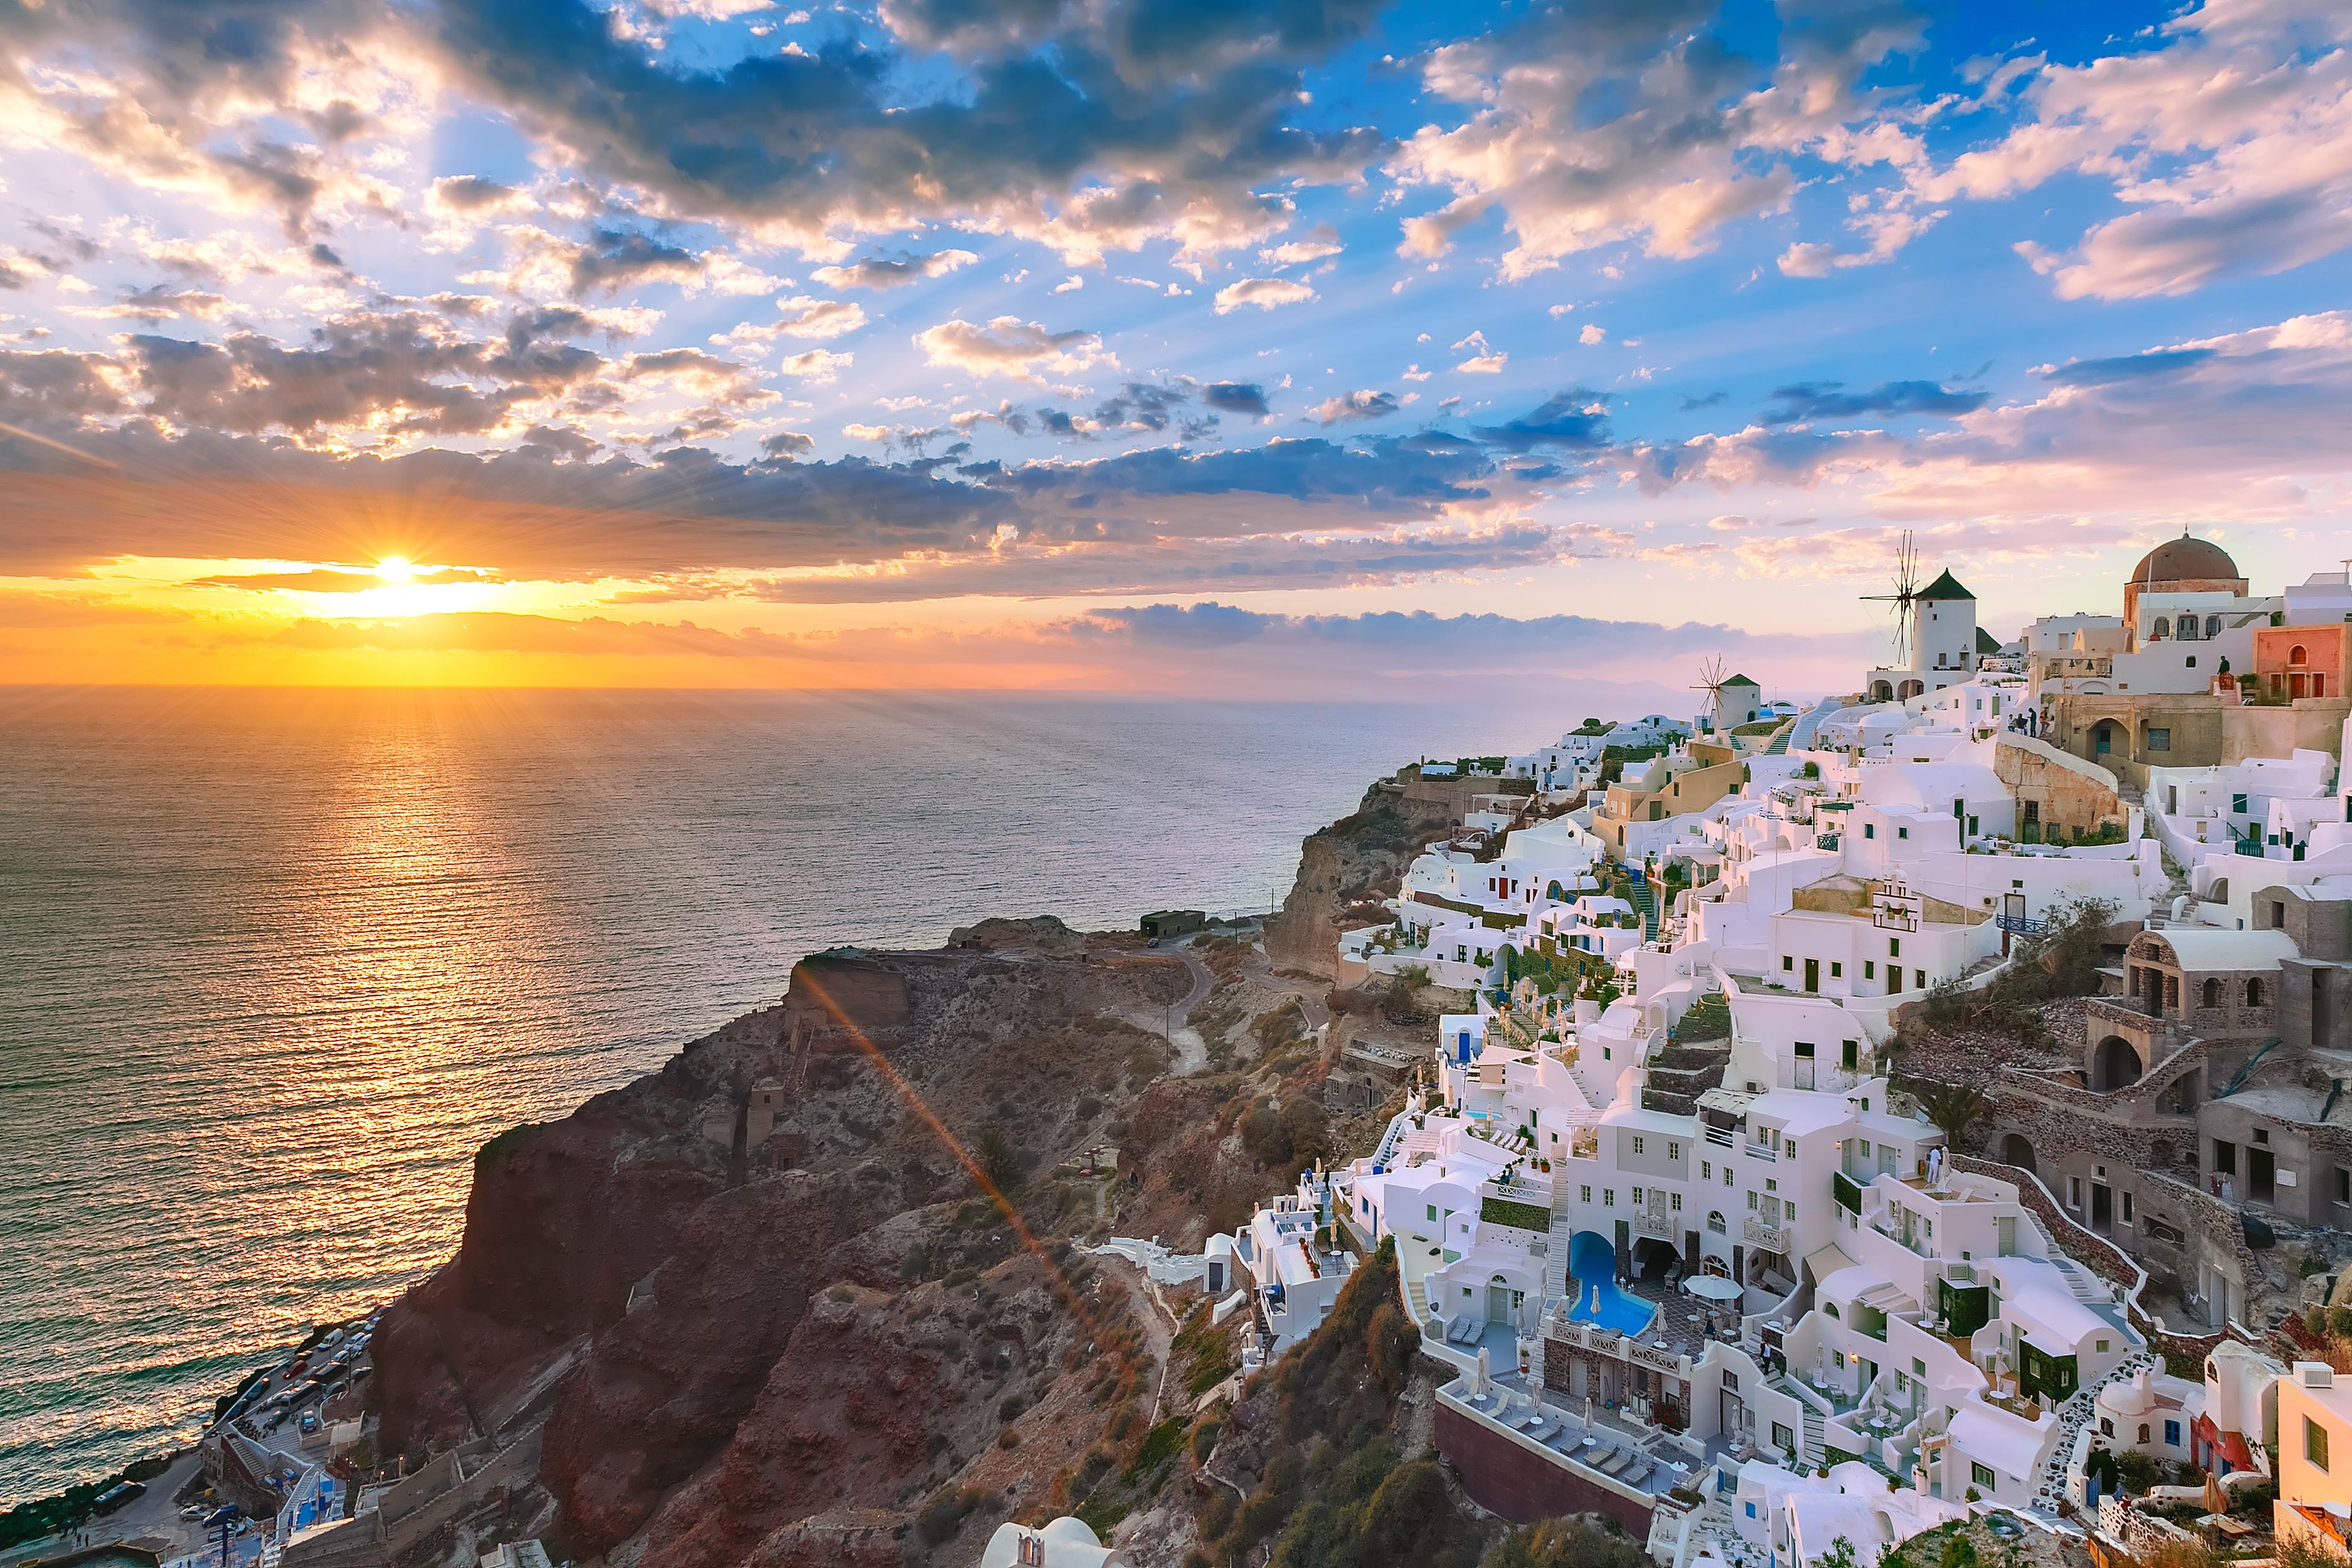 ¿Quieres conocer la esencia de Santorini? Oia te la enseña - Grecia Circuito Lo Mejor de Turquía, Crucero por el Egeo y Atenas